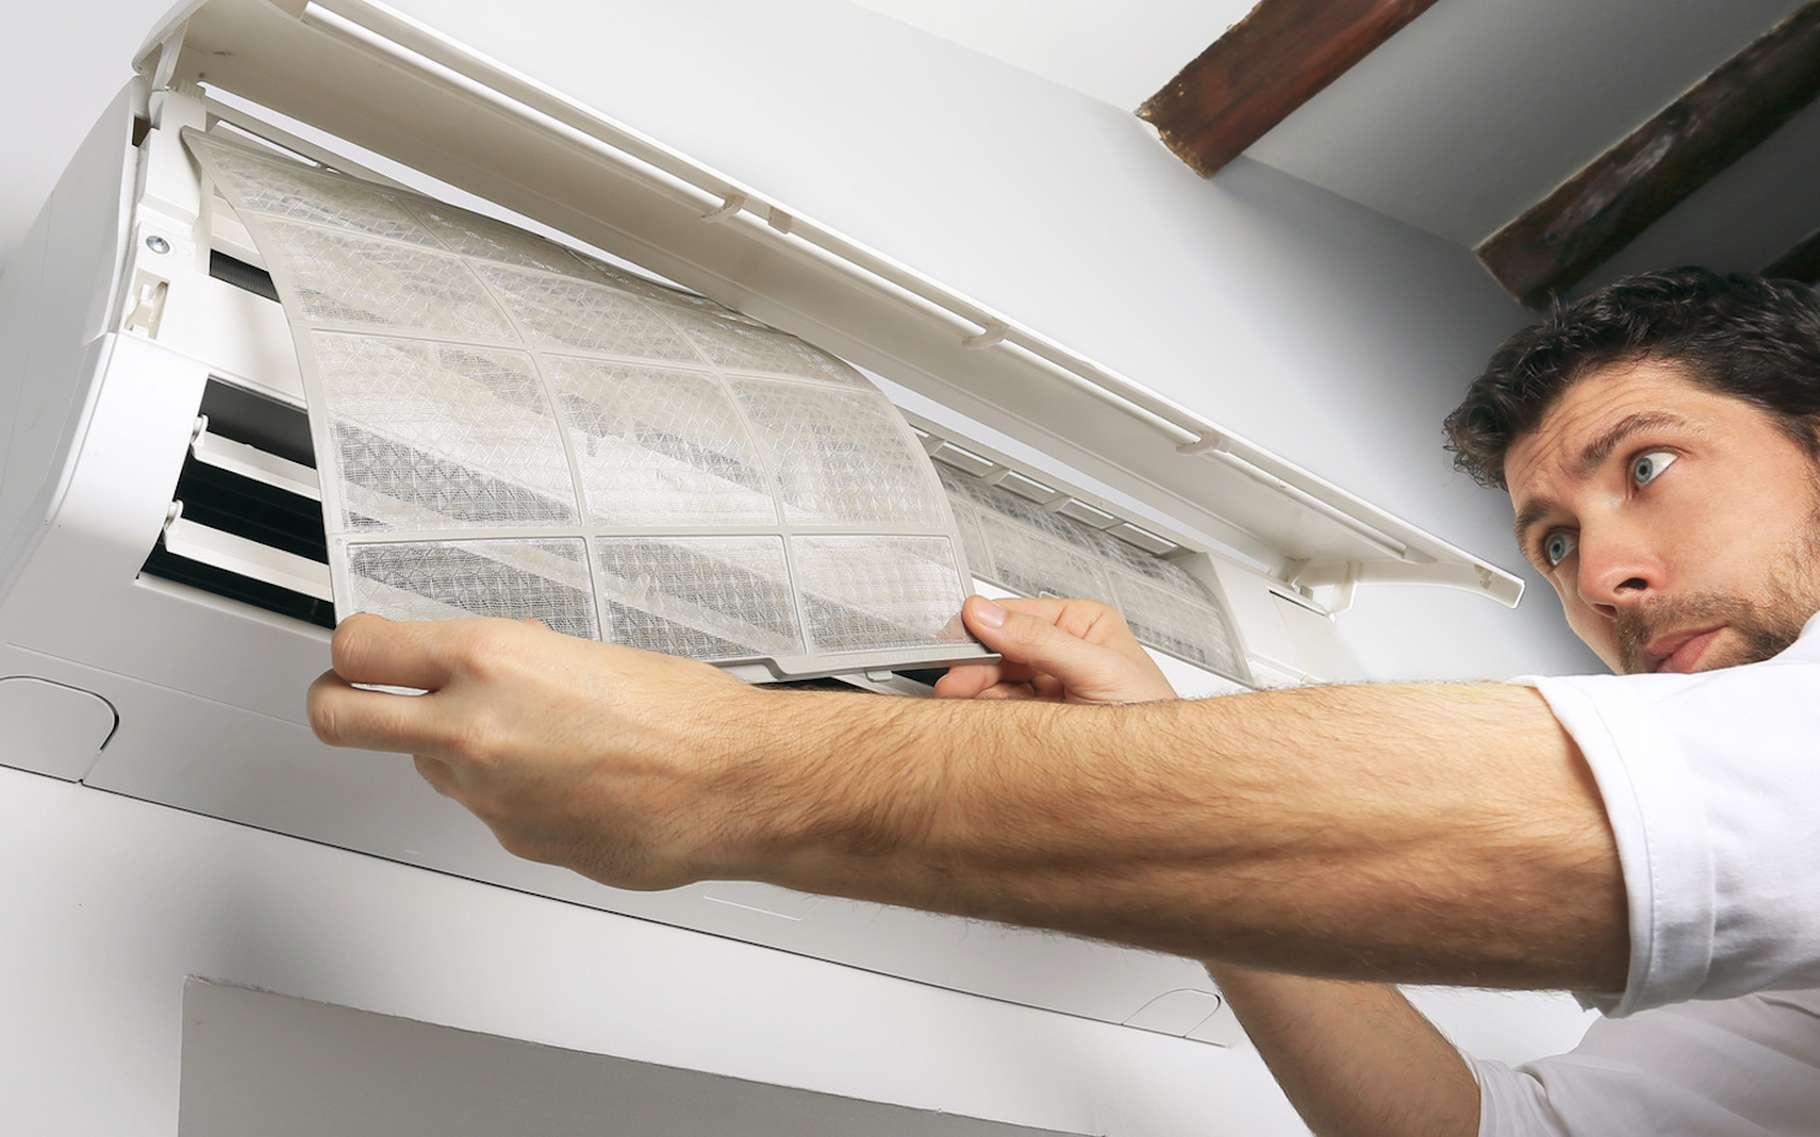 Les filtres du climatiseur doivent être entretenus. © Daylight Photo, Fotolia